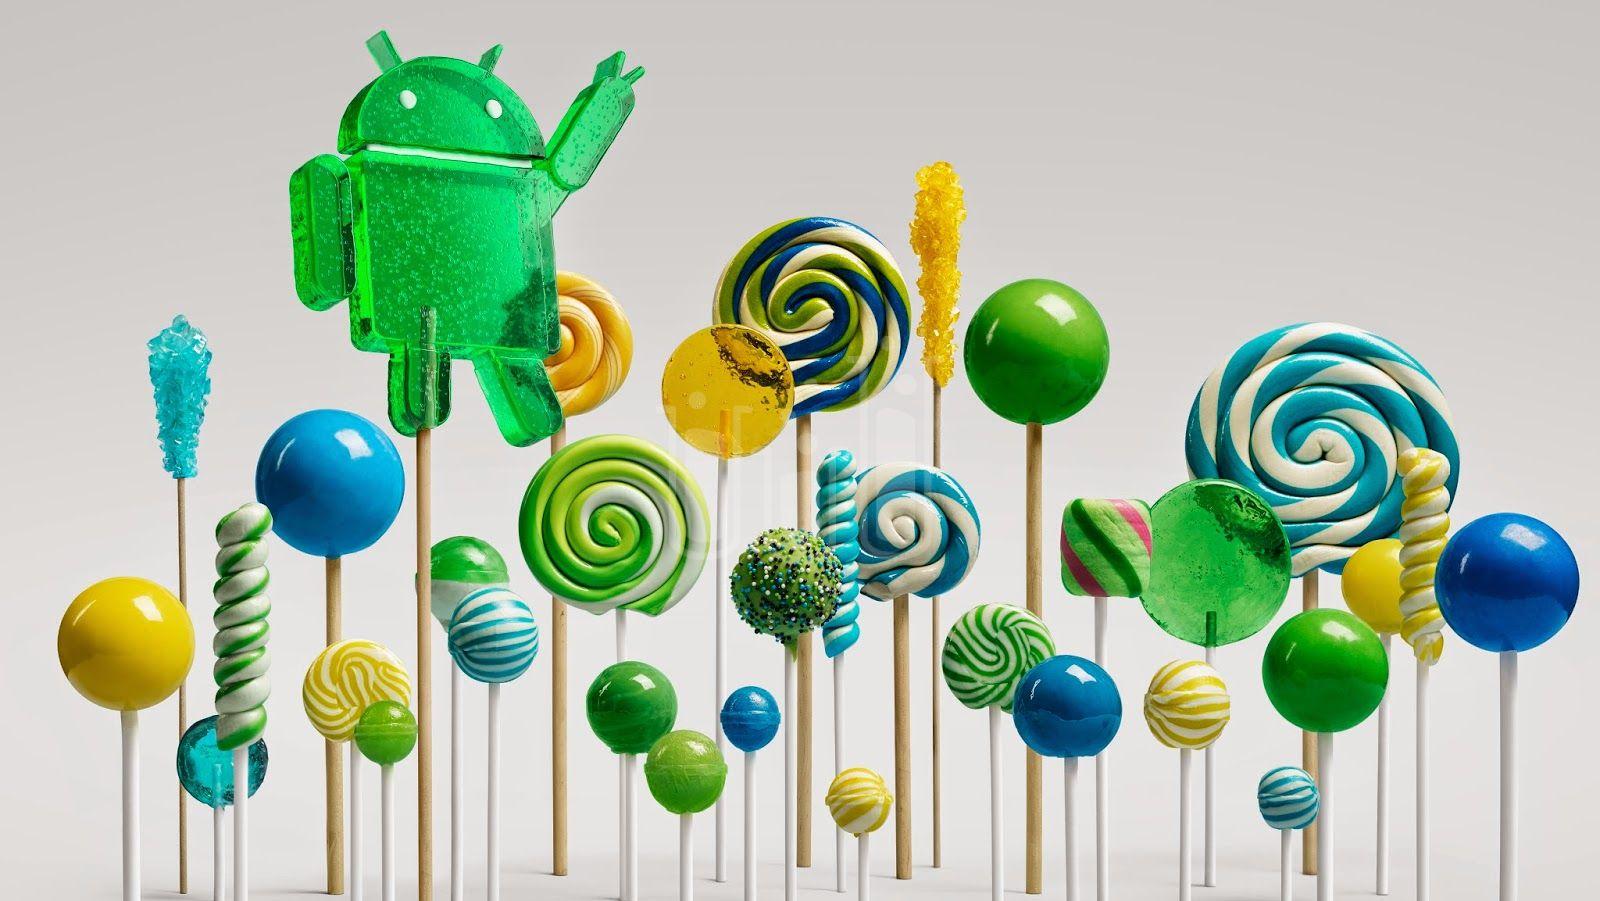 Il malware Judy potrebbe aver infettato 36 milioni di dispositivi Android